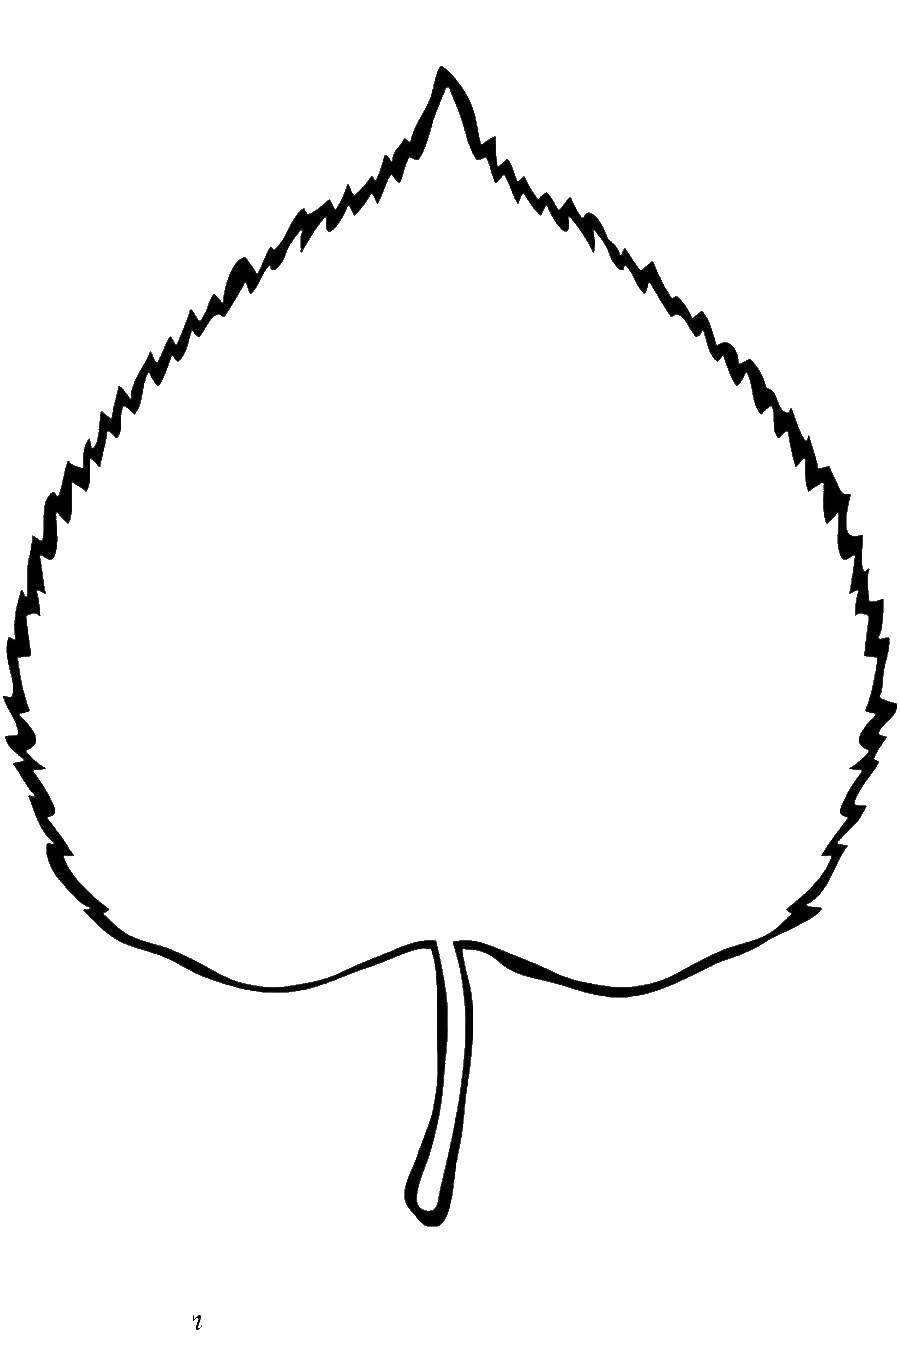 раскраска листья березы распечатать возвышенном перешейке